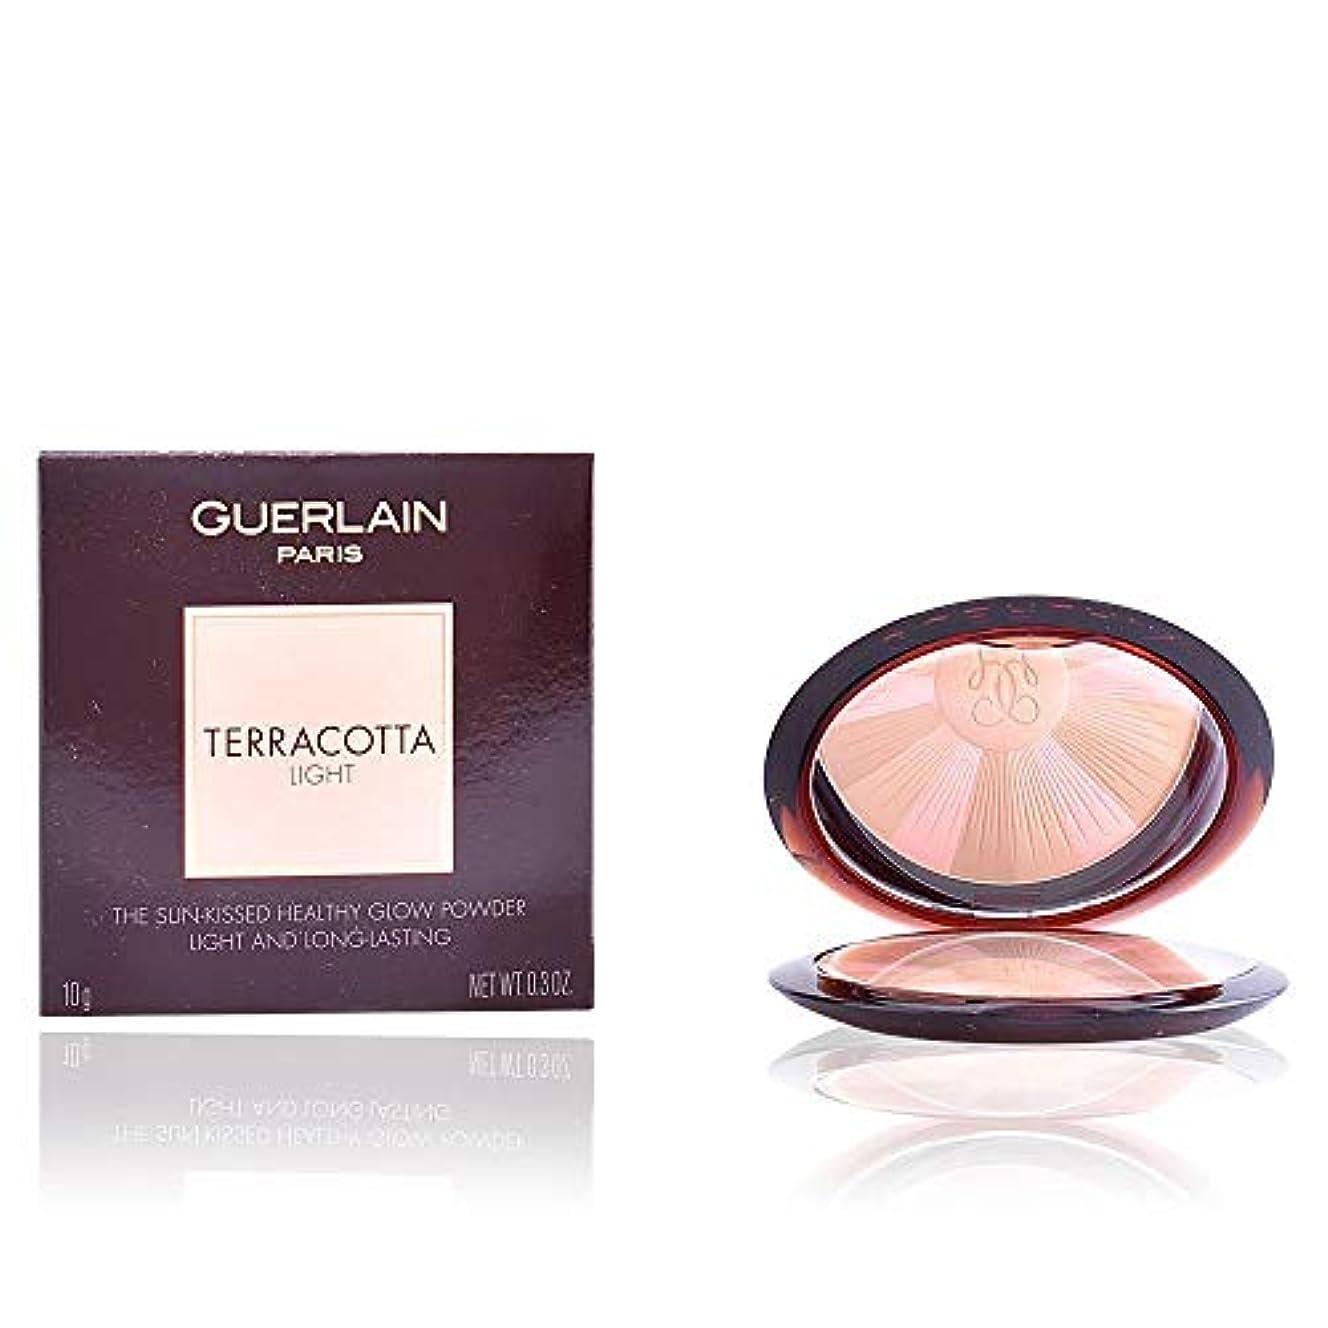 不運サイバースペース魚ゲラン Terracotta Light The Sun Kissed Healthy Glow Powder - # 00 Light Cool 10g/0.3oz並行輸入品